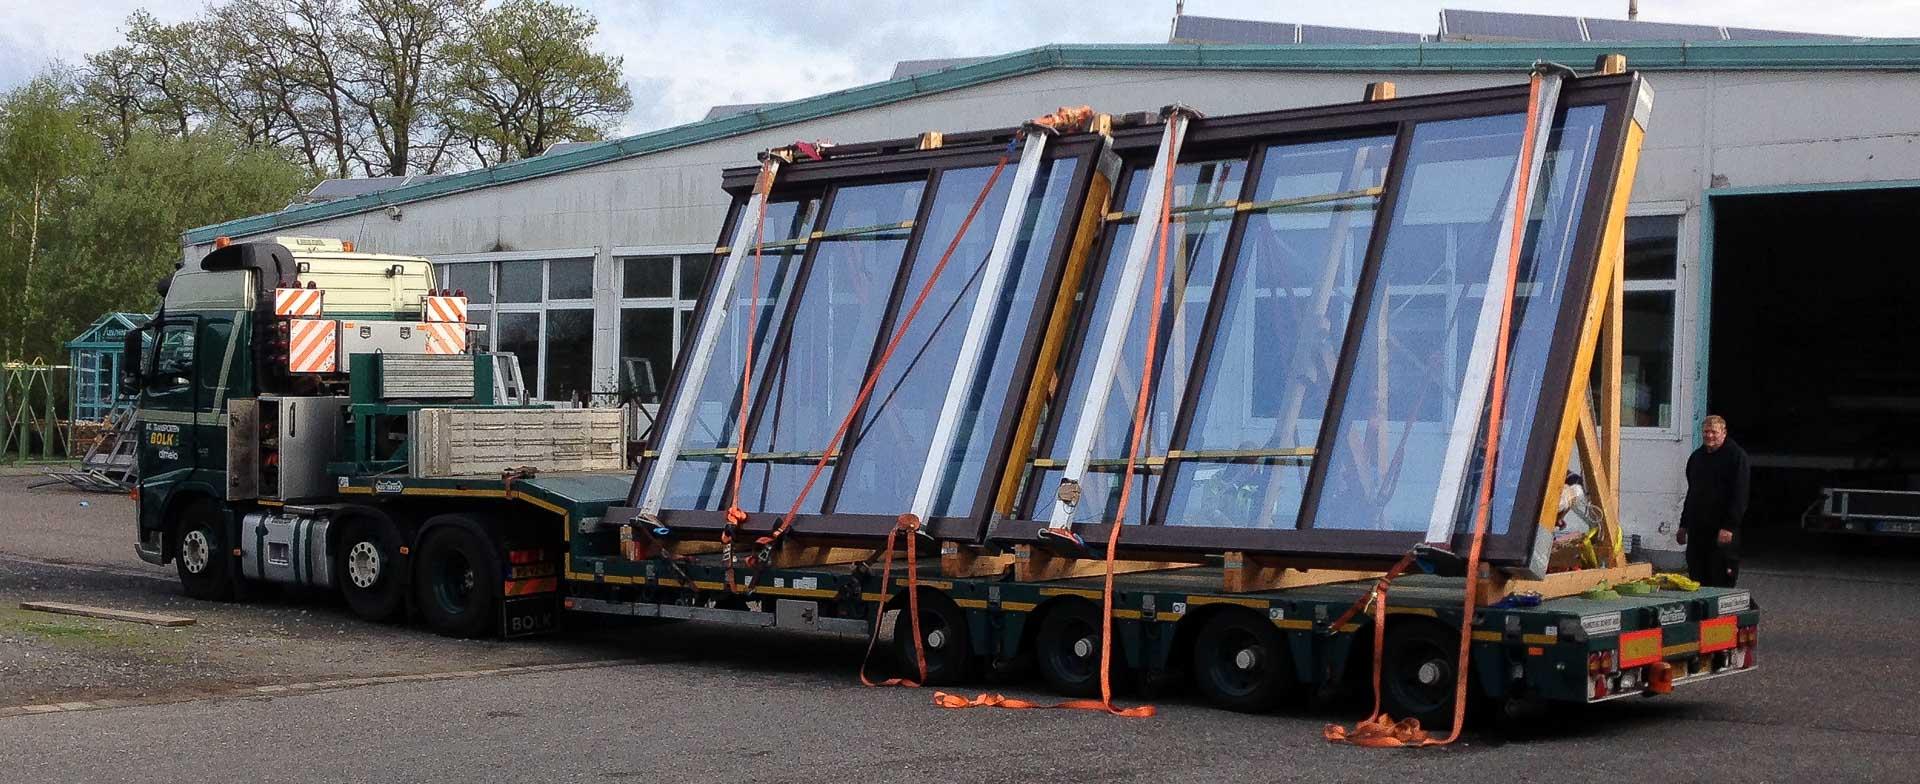 OpenAir Dachschiebefenster und Lichtdach in Berlin (Objekt 1126). Mit einem Tieflader werden die beiden OpenAir-Dachschiebefenster nach Berlin transportiert.